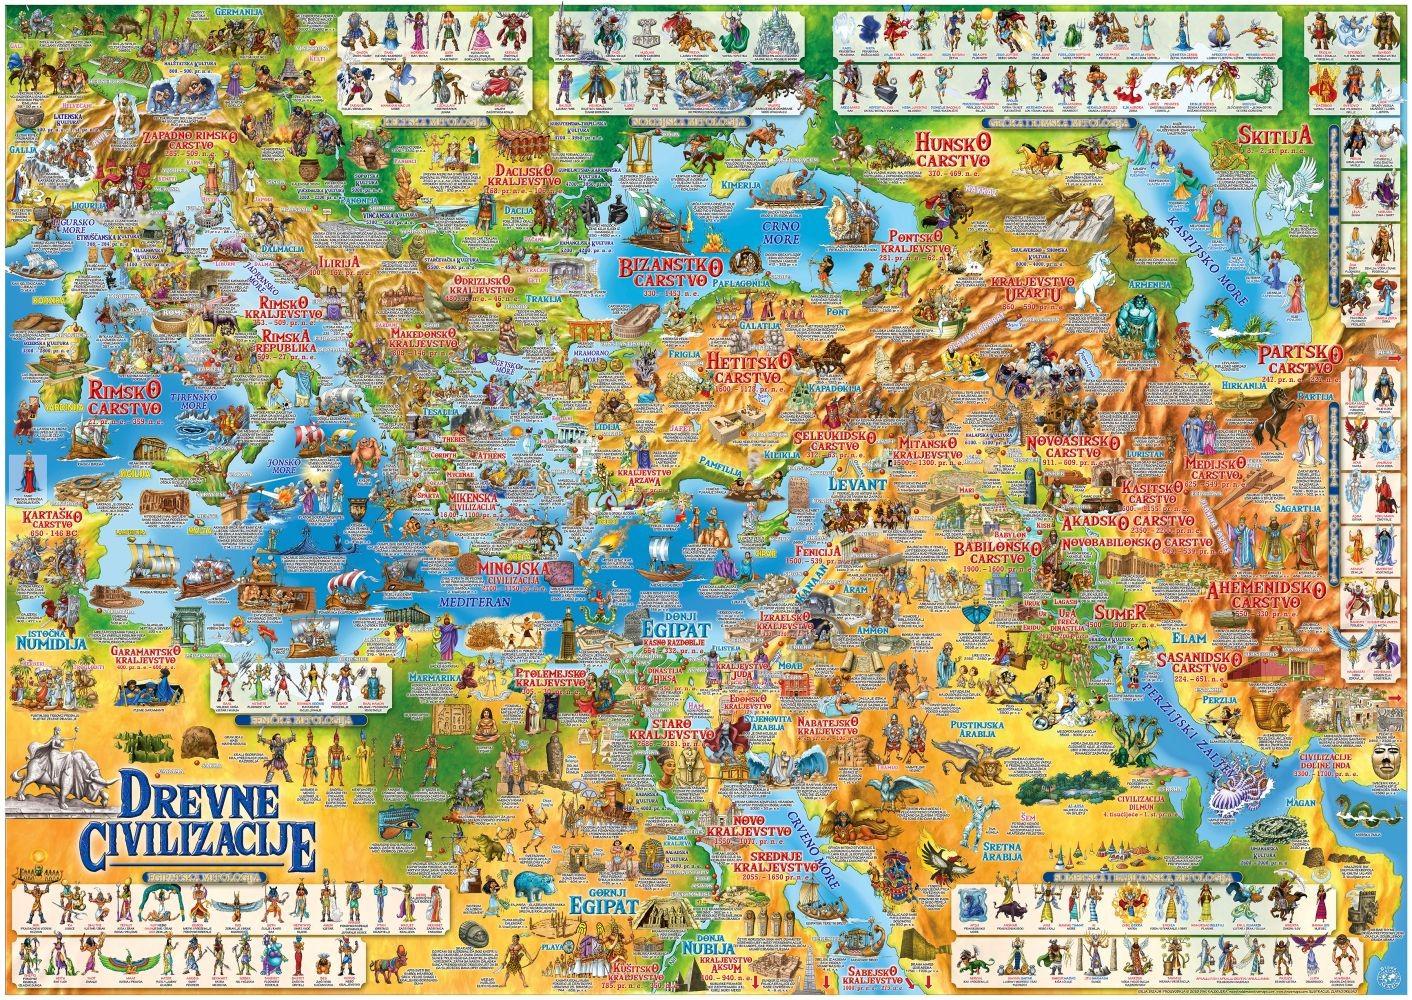 Dječja karta drevnih civilizacija - novo